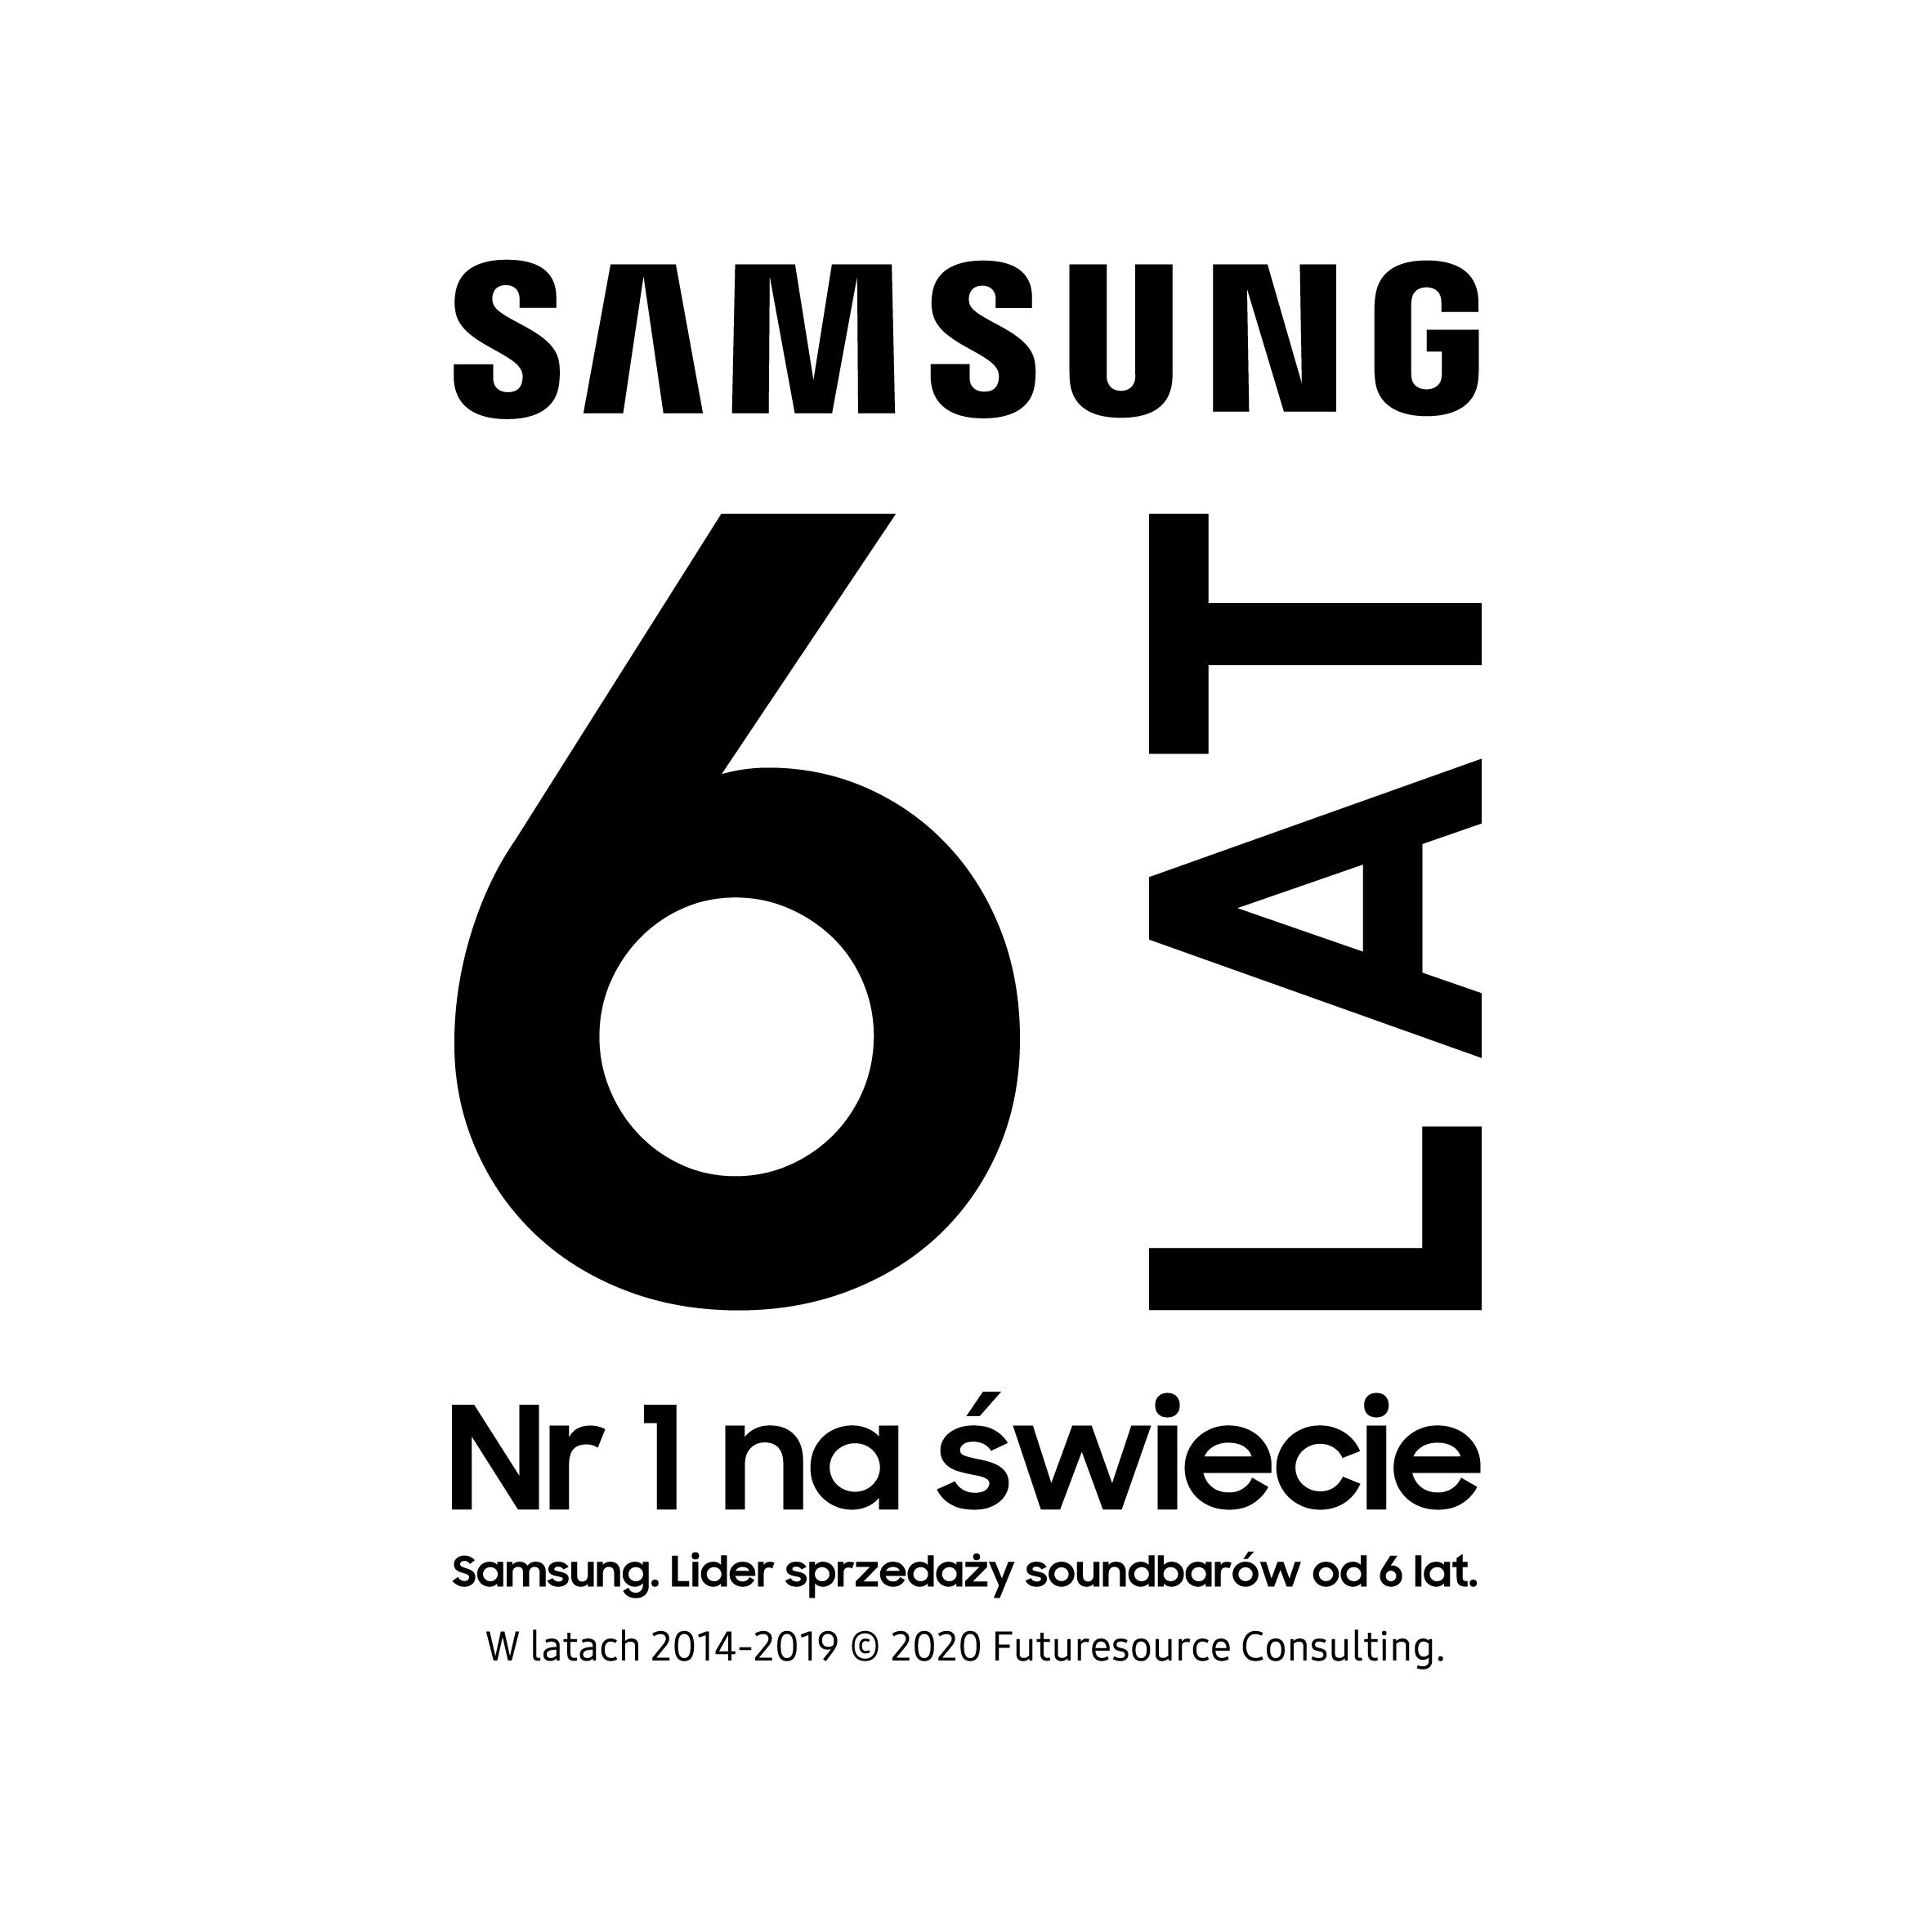 Samsung. Lider sprzedaży soundbarów od 6 lat.